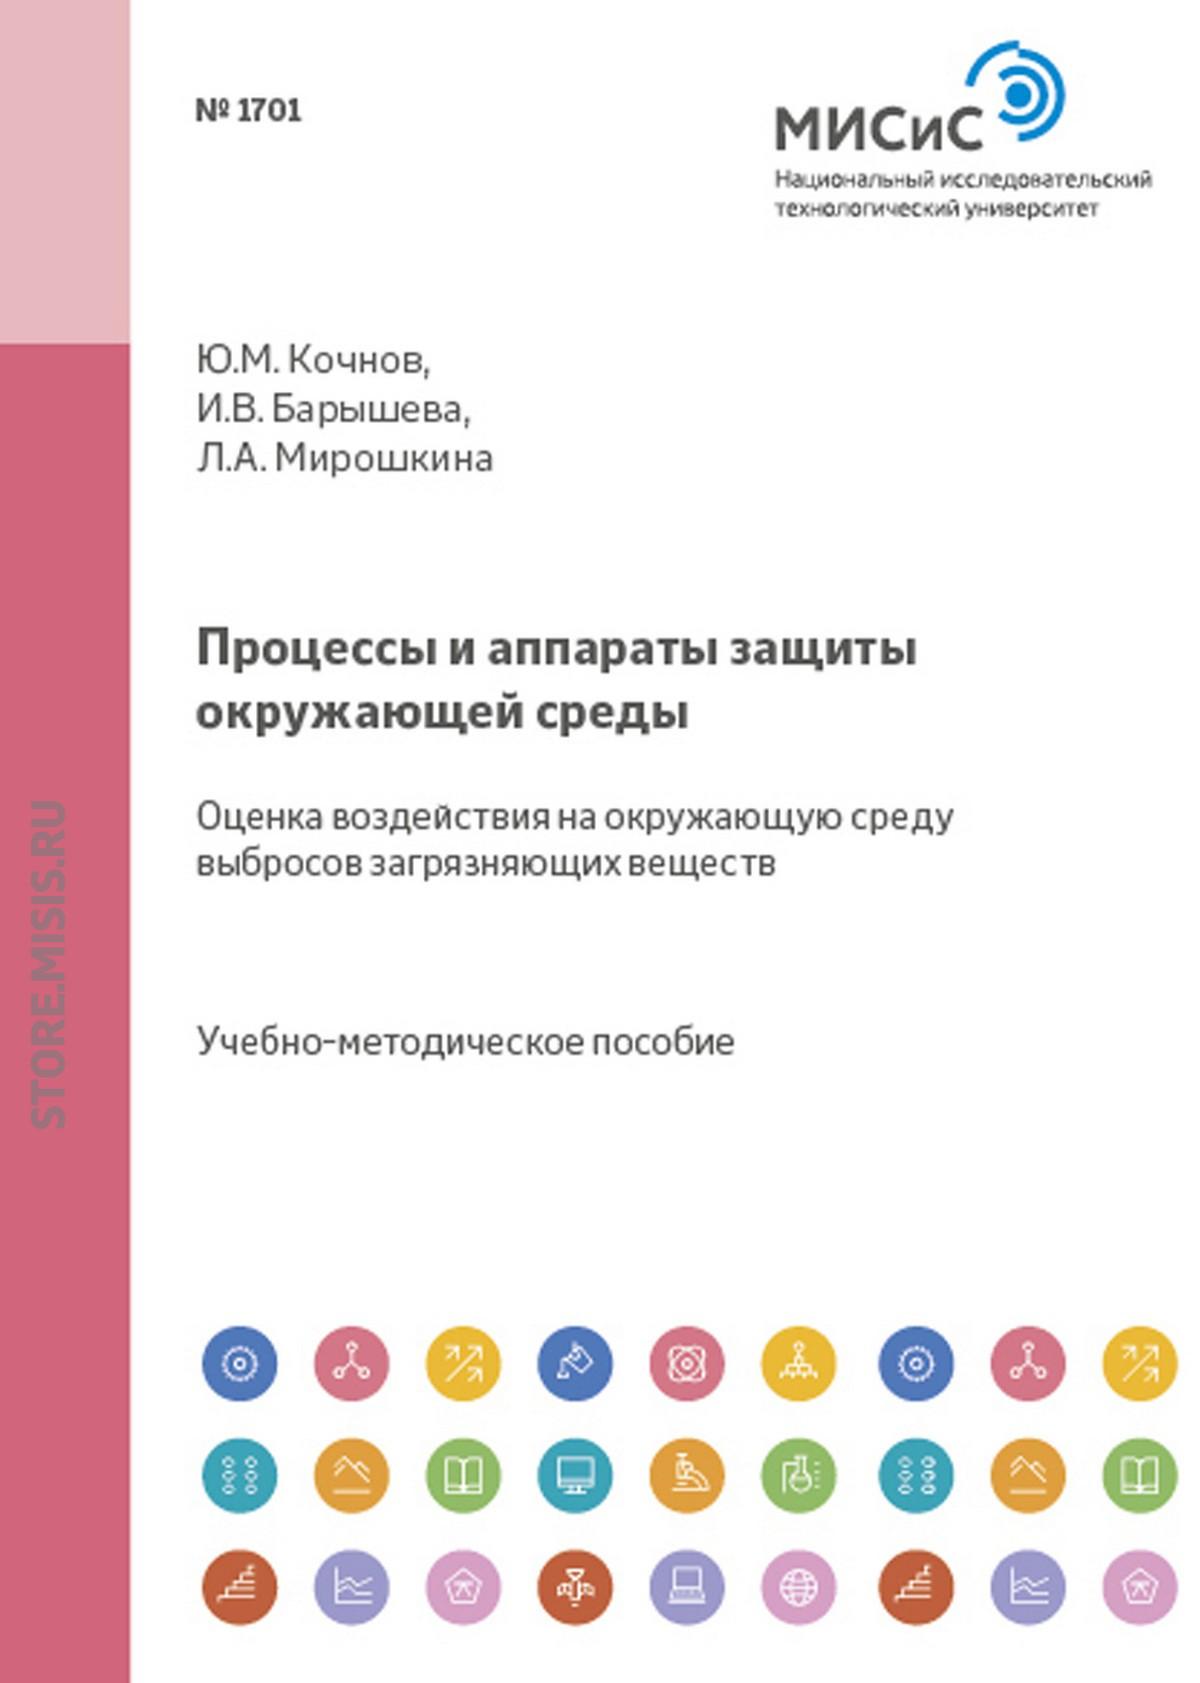 Ирина Барышева Процессы и аппараты защиты окружающей среды. Оценка воздействия на окружающую среду выбросов загрязняющих веществ стурман в оценка воздействия на окружающую среду учебное пособие